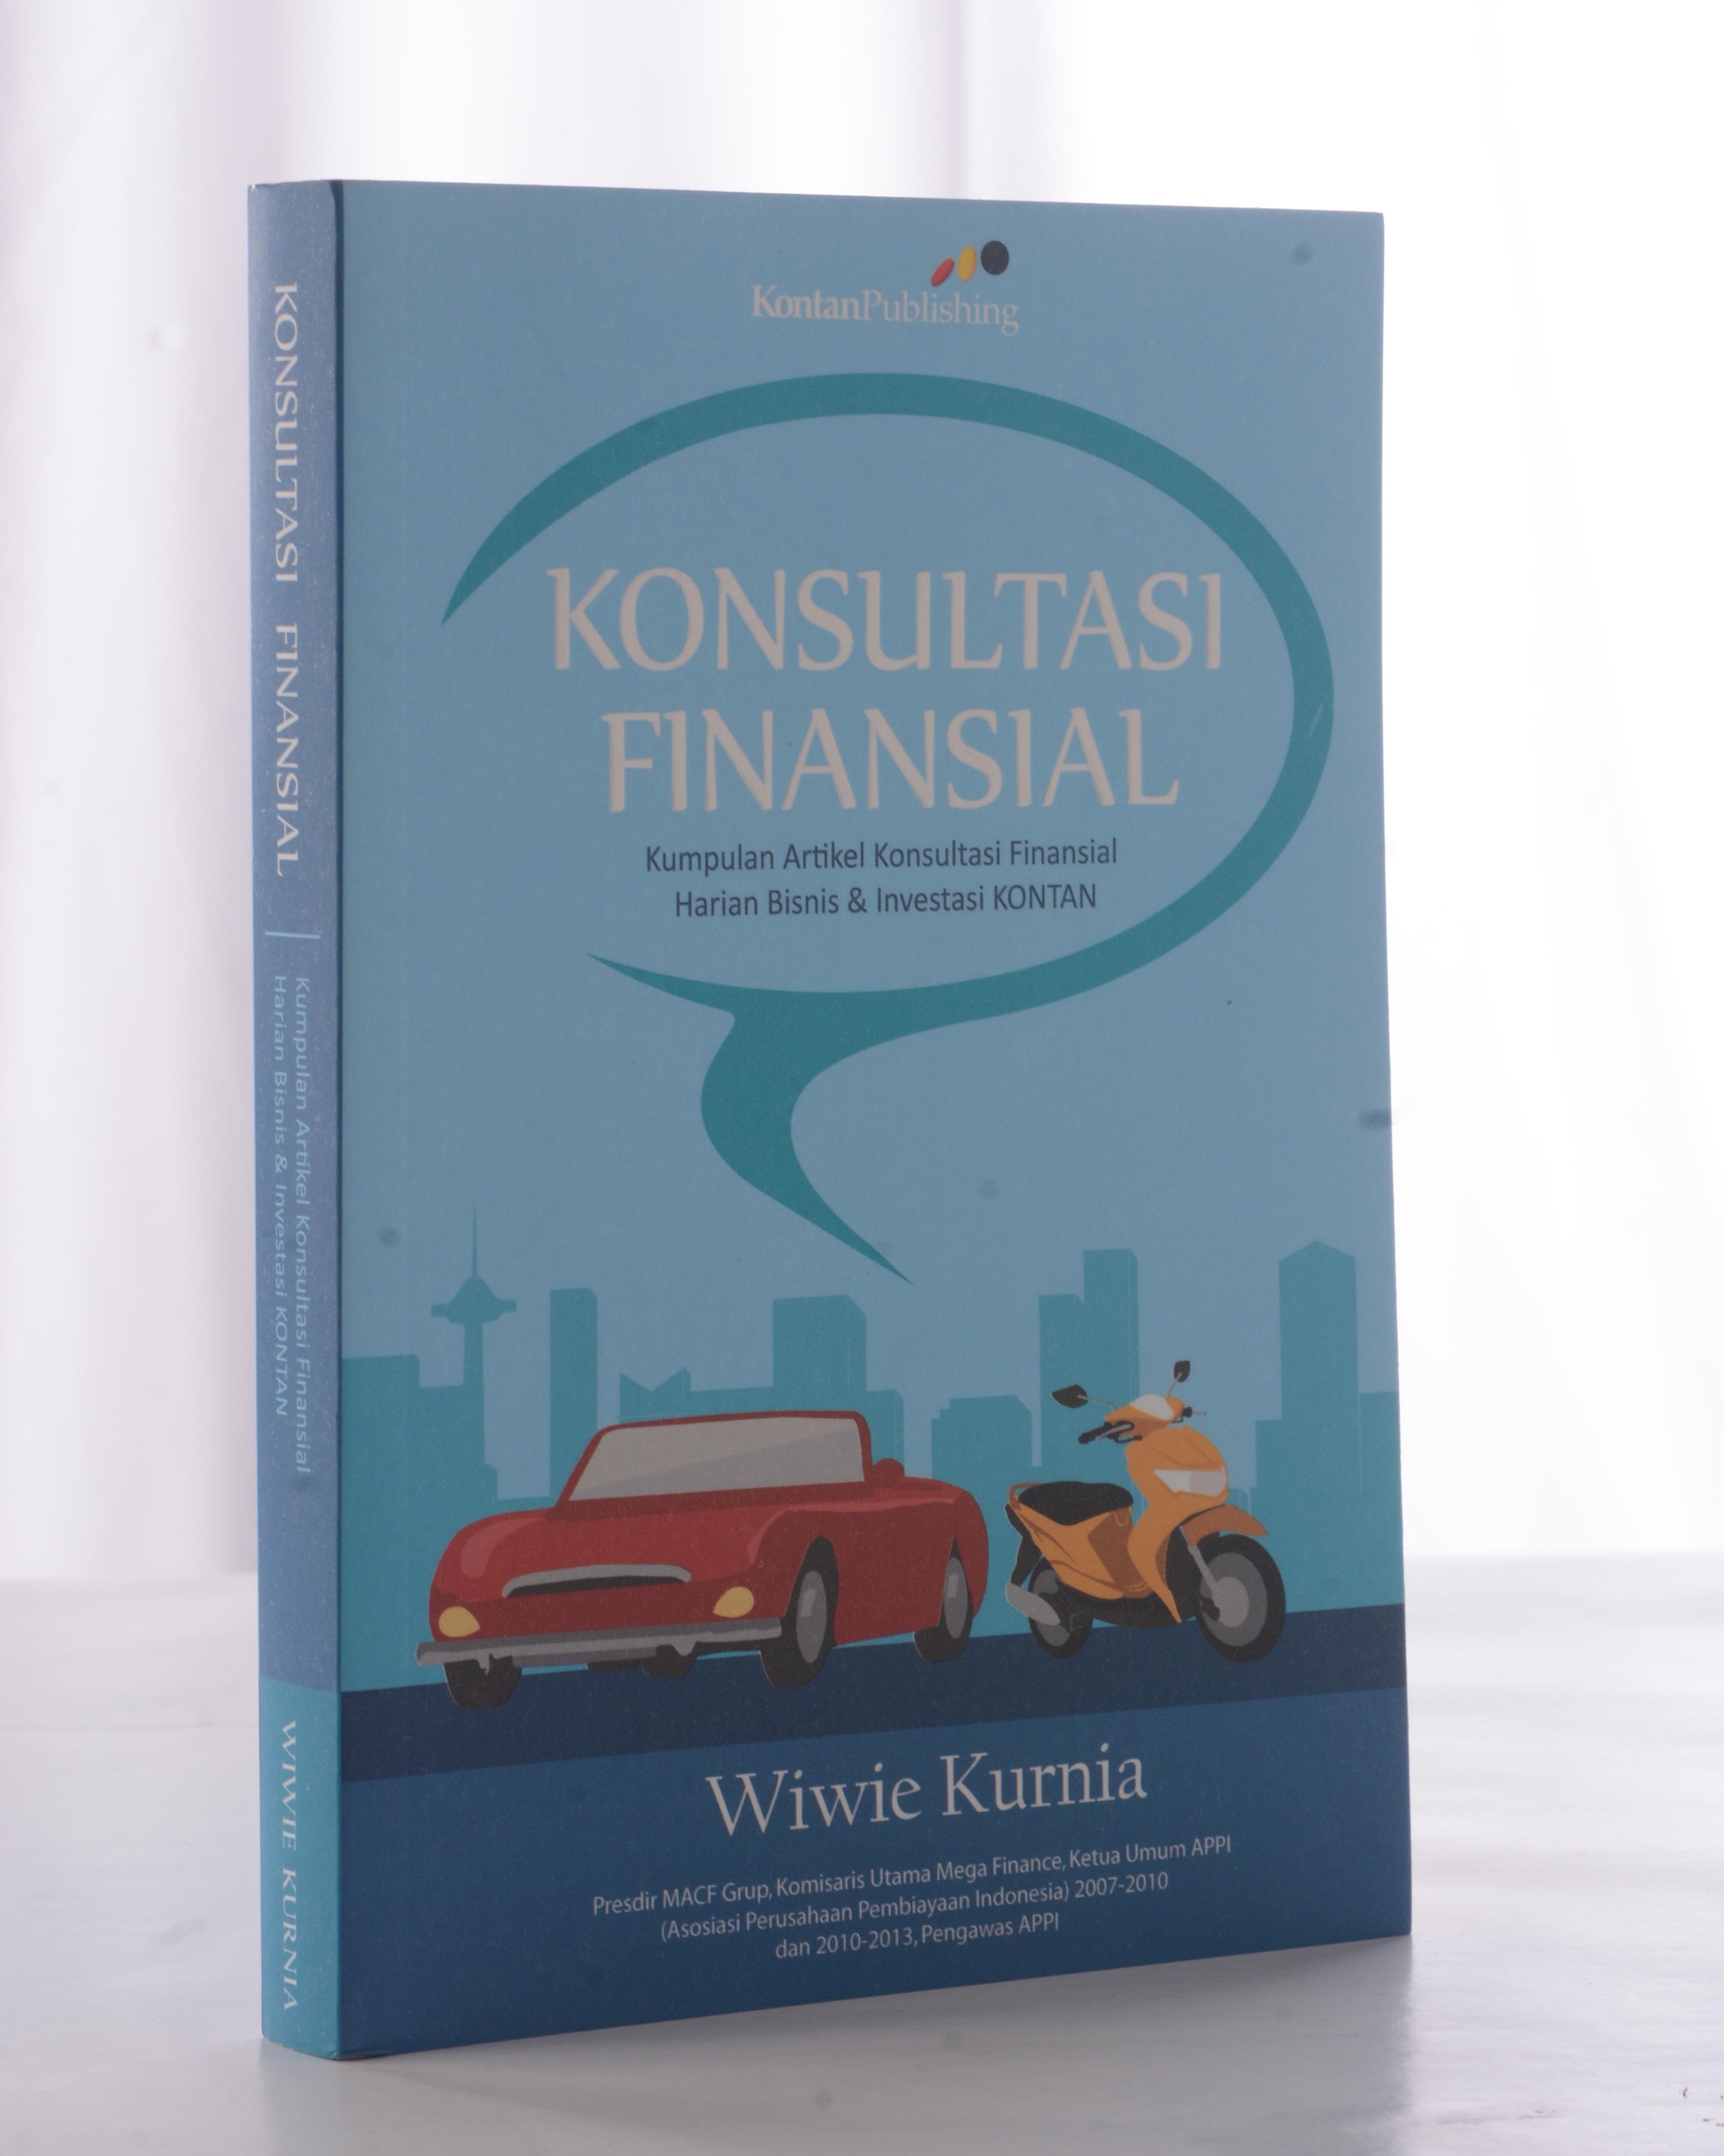 Konsultasi Finansial